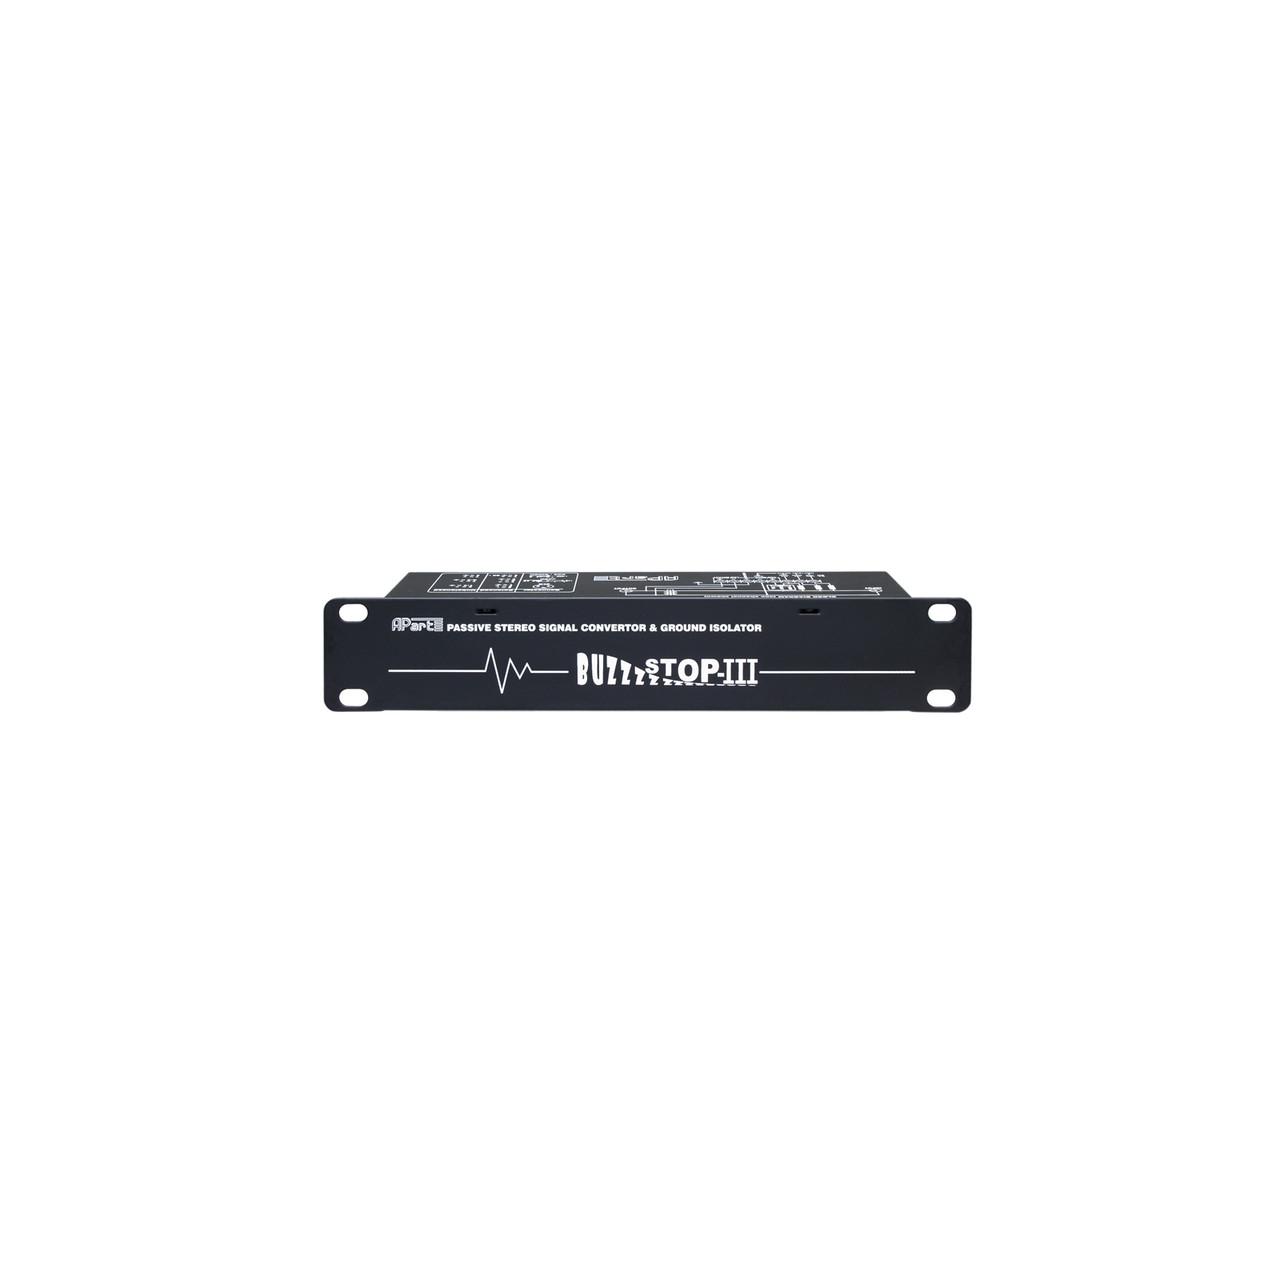 Универсальный преобразователь аудио сигналов Apart BUZZSTOP-MKIII